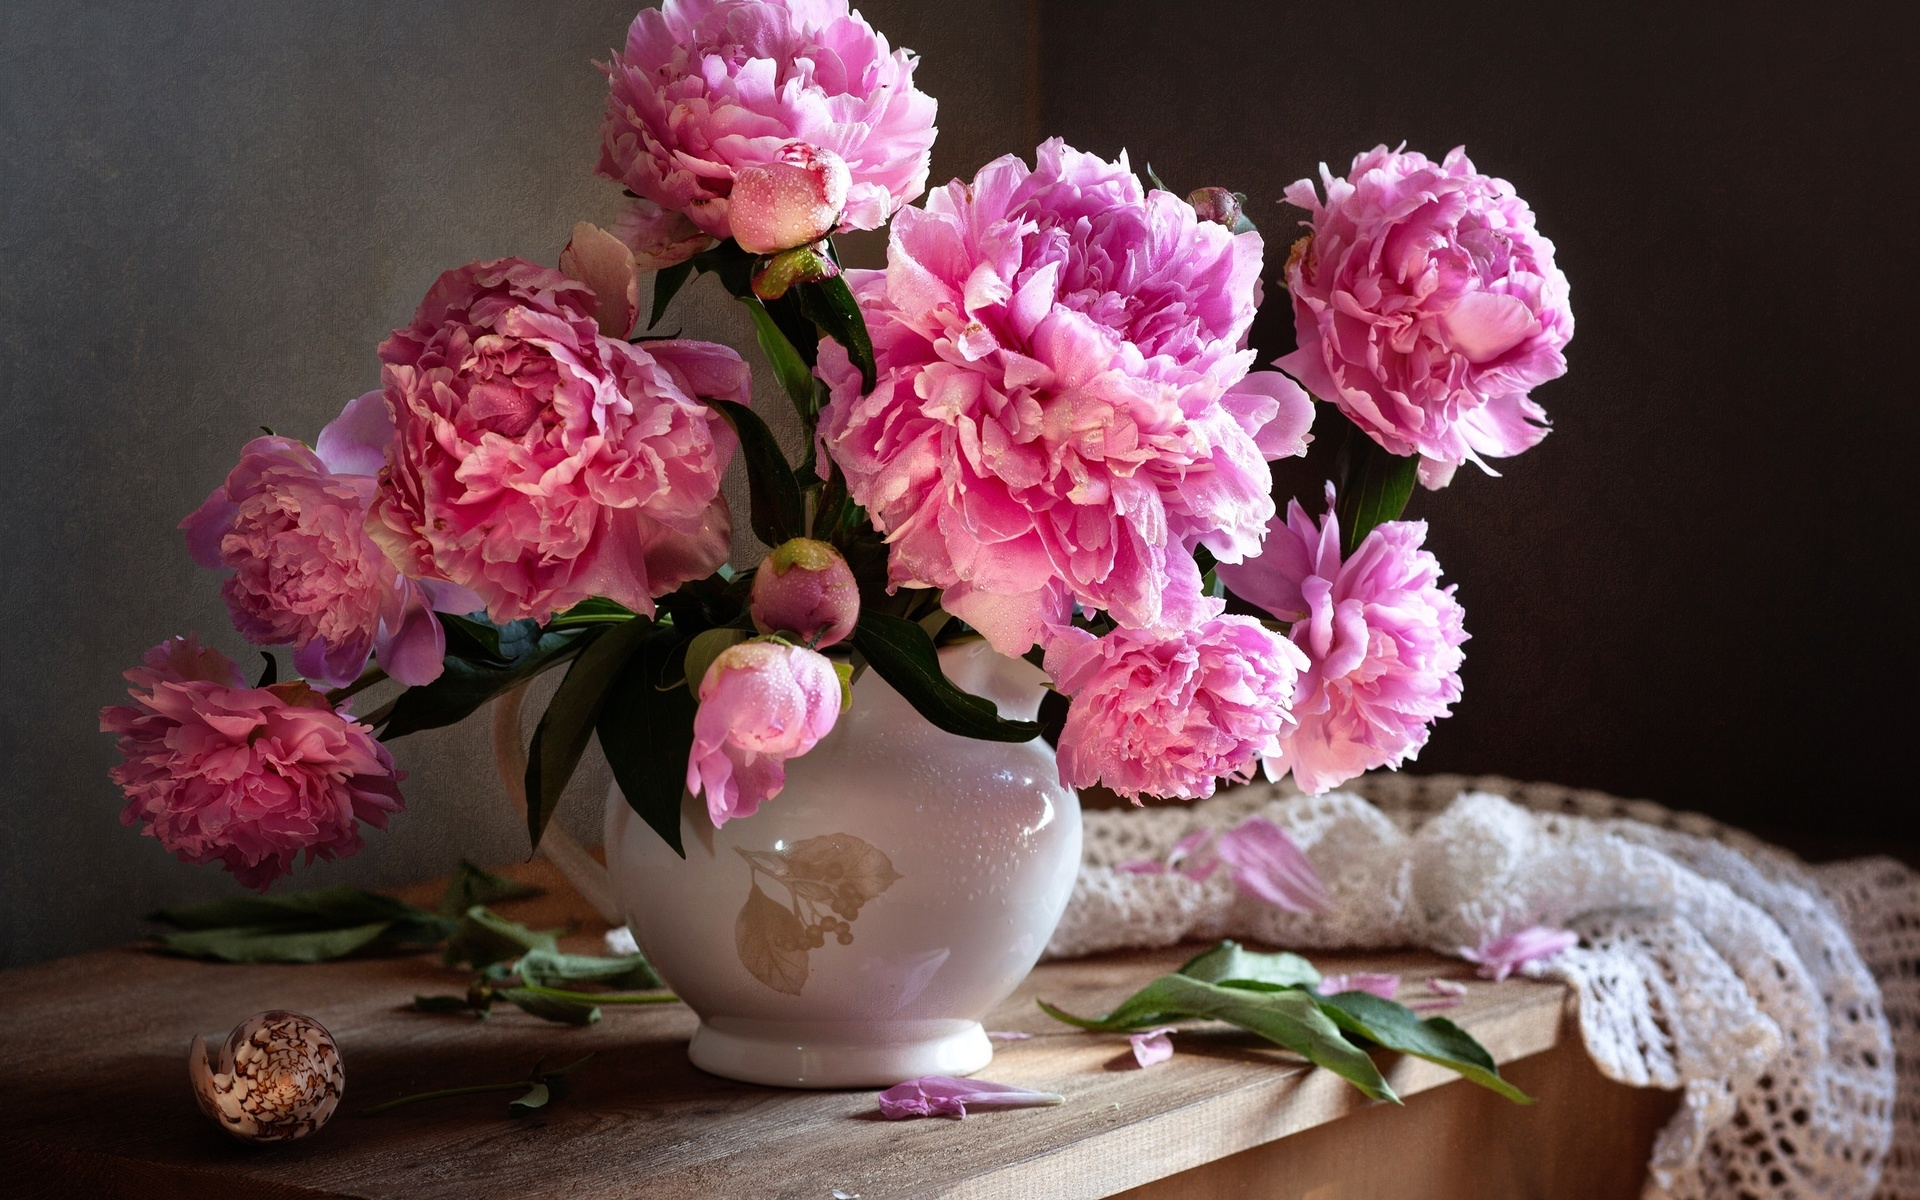 потребуется красивые фото пионов в вазе альфа-самцов